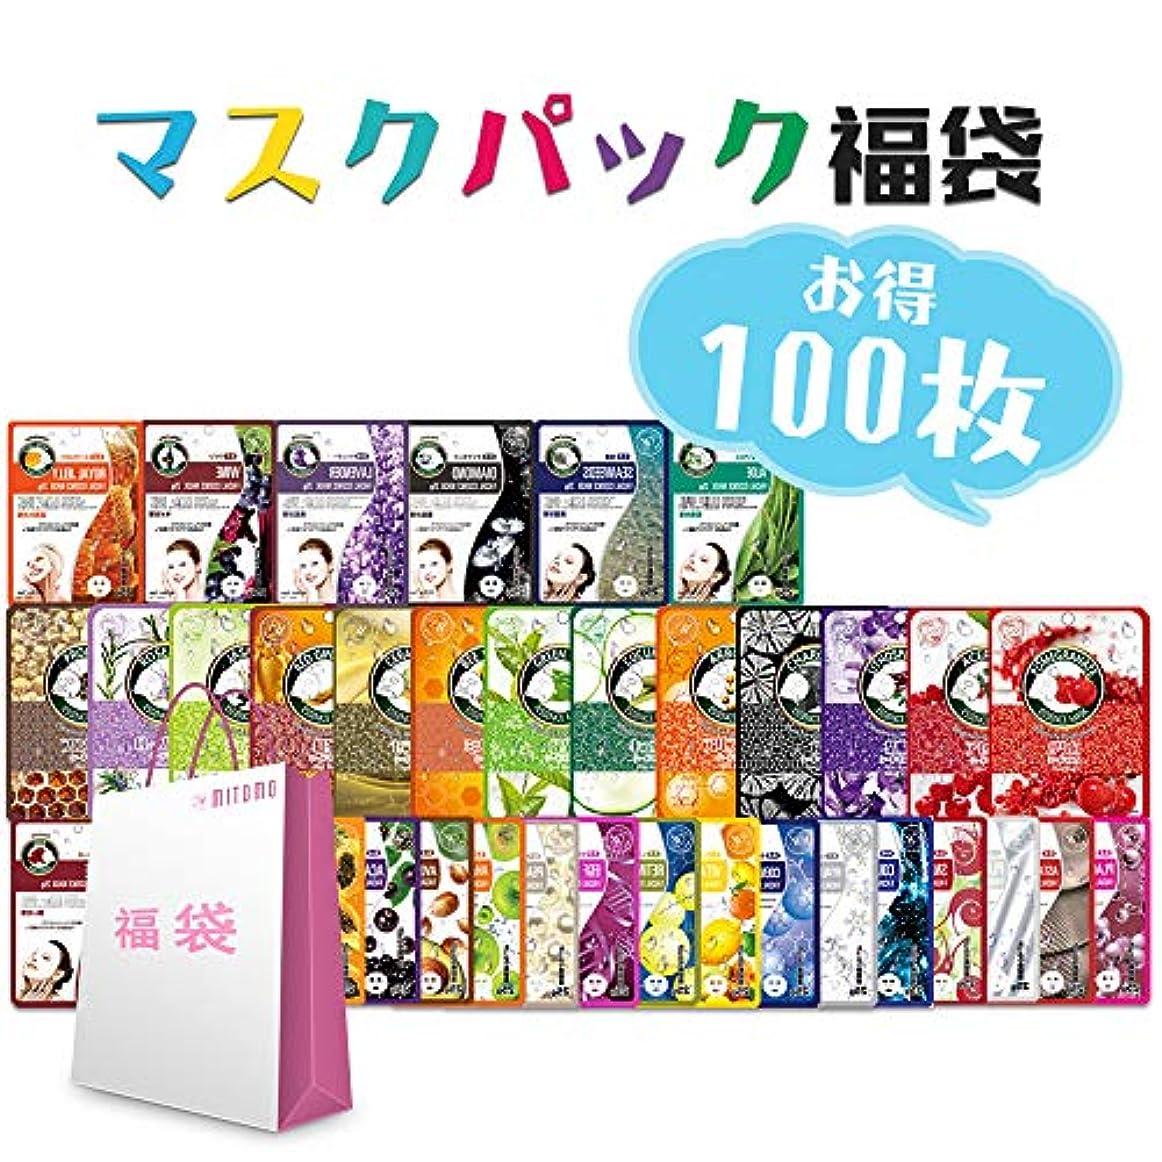 転倒応答慣らす【LBPRJL0100】シートマスク/100枚/美容液/マスクパック/送料無料